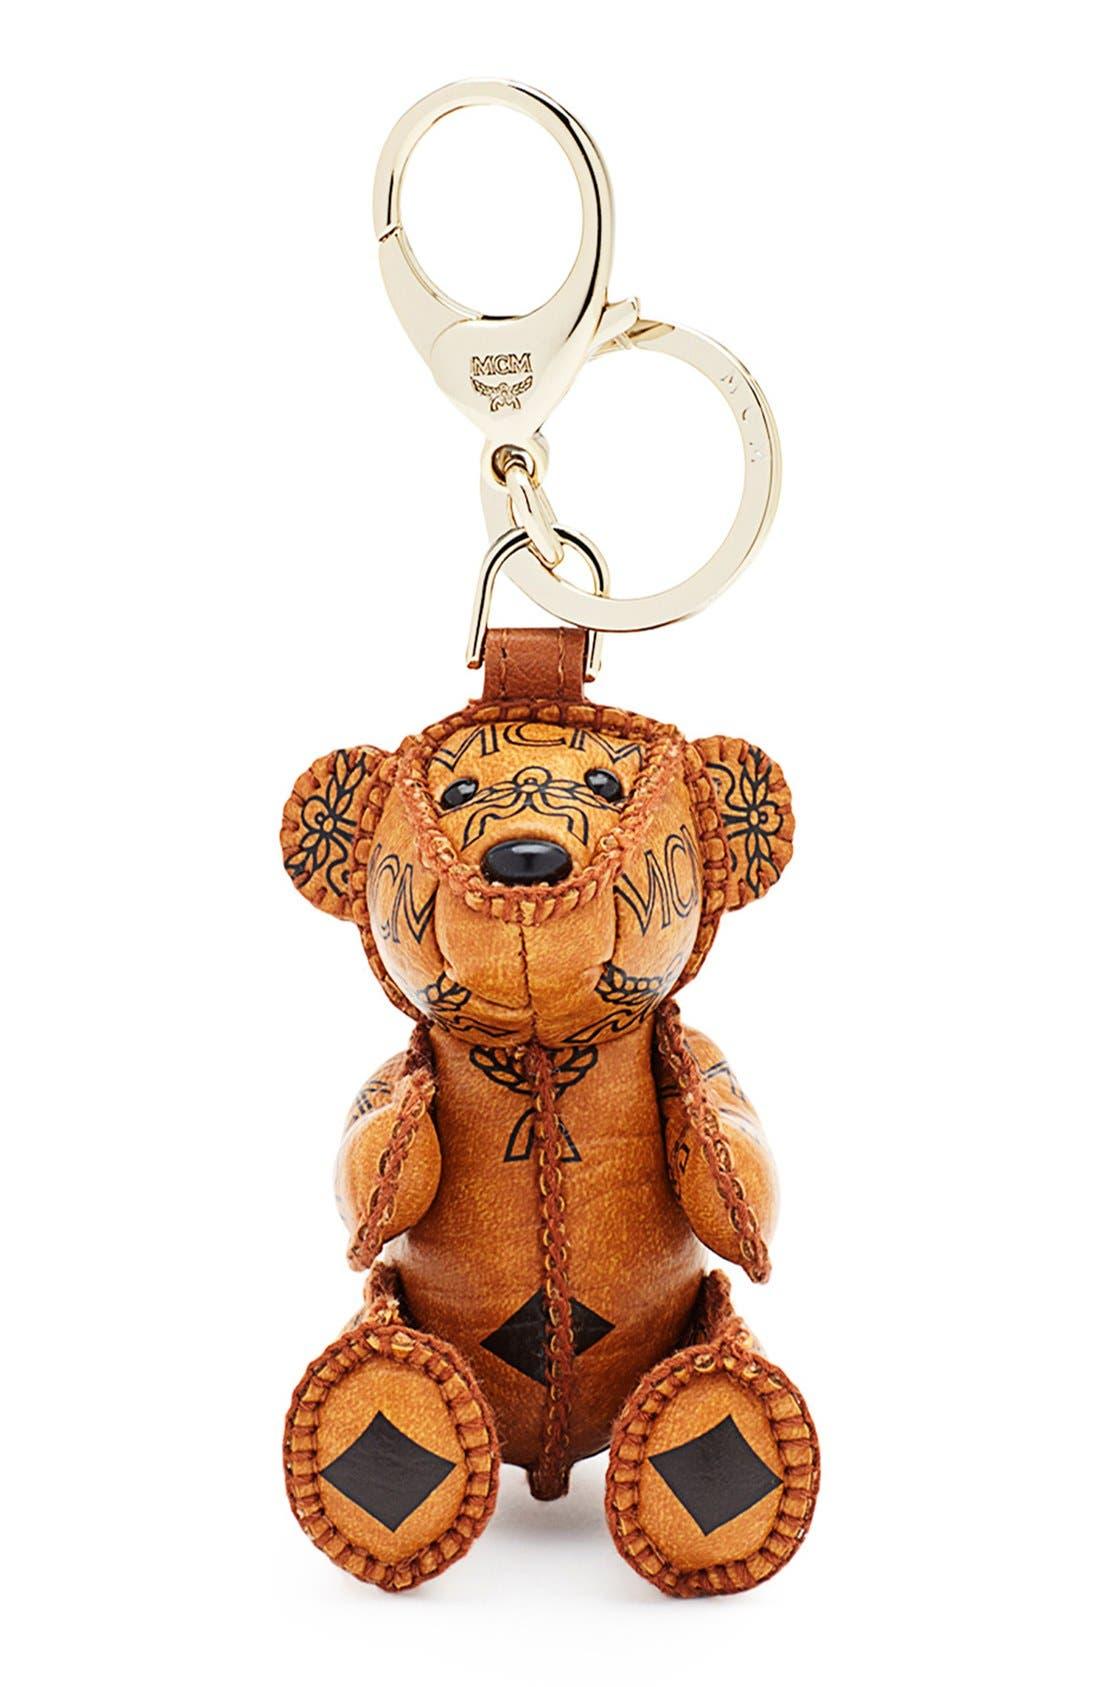 MCM Bear Bag Charm